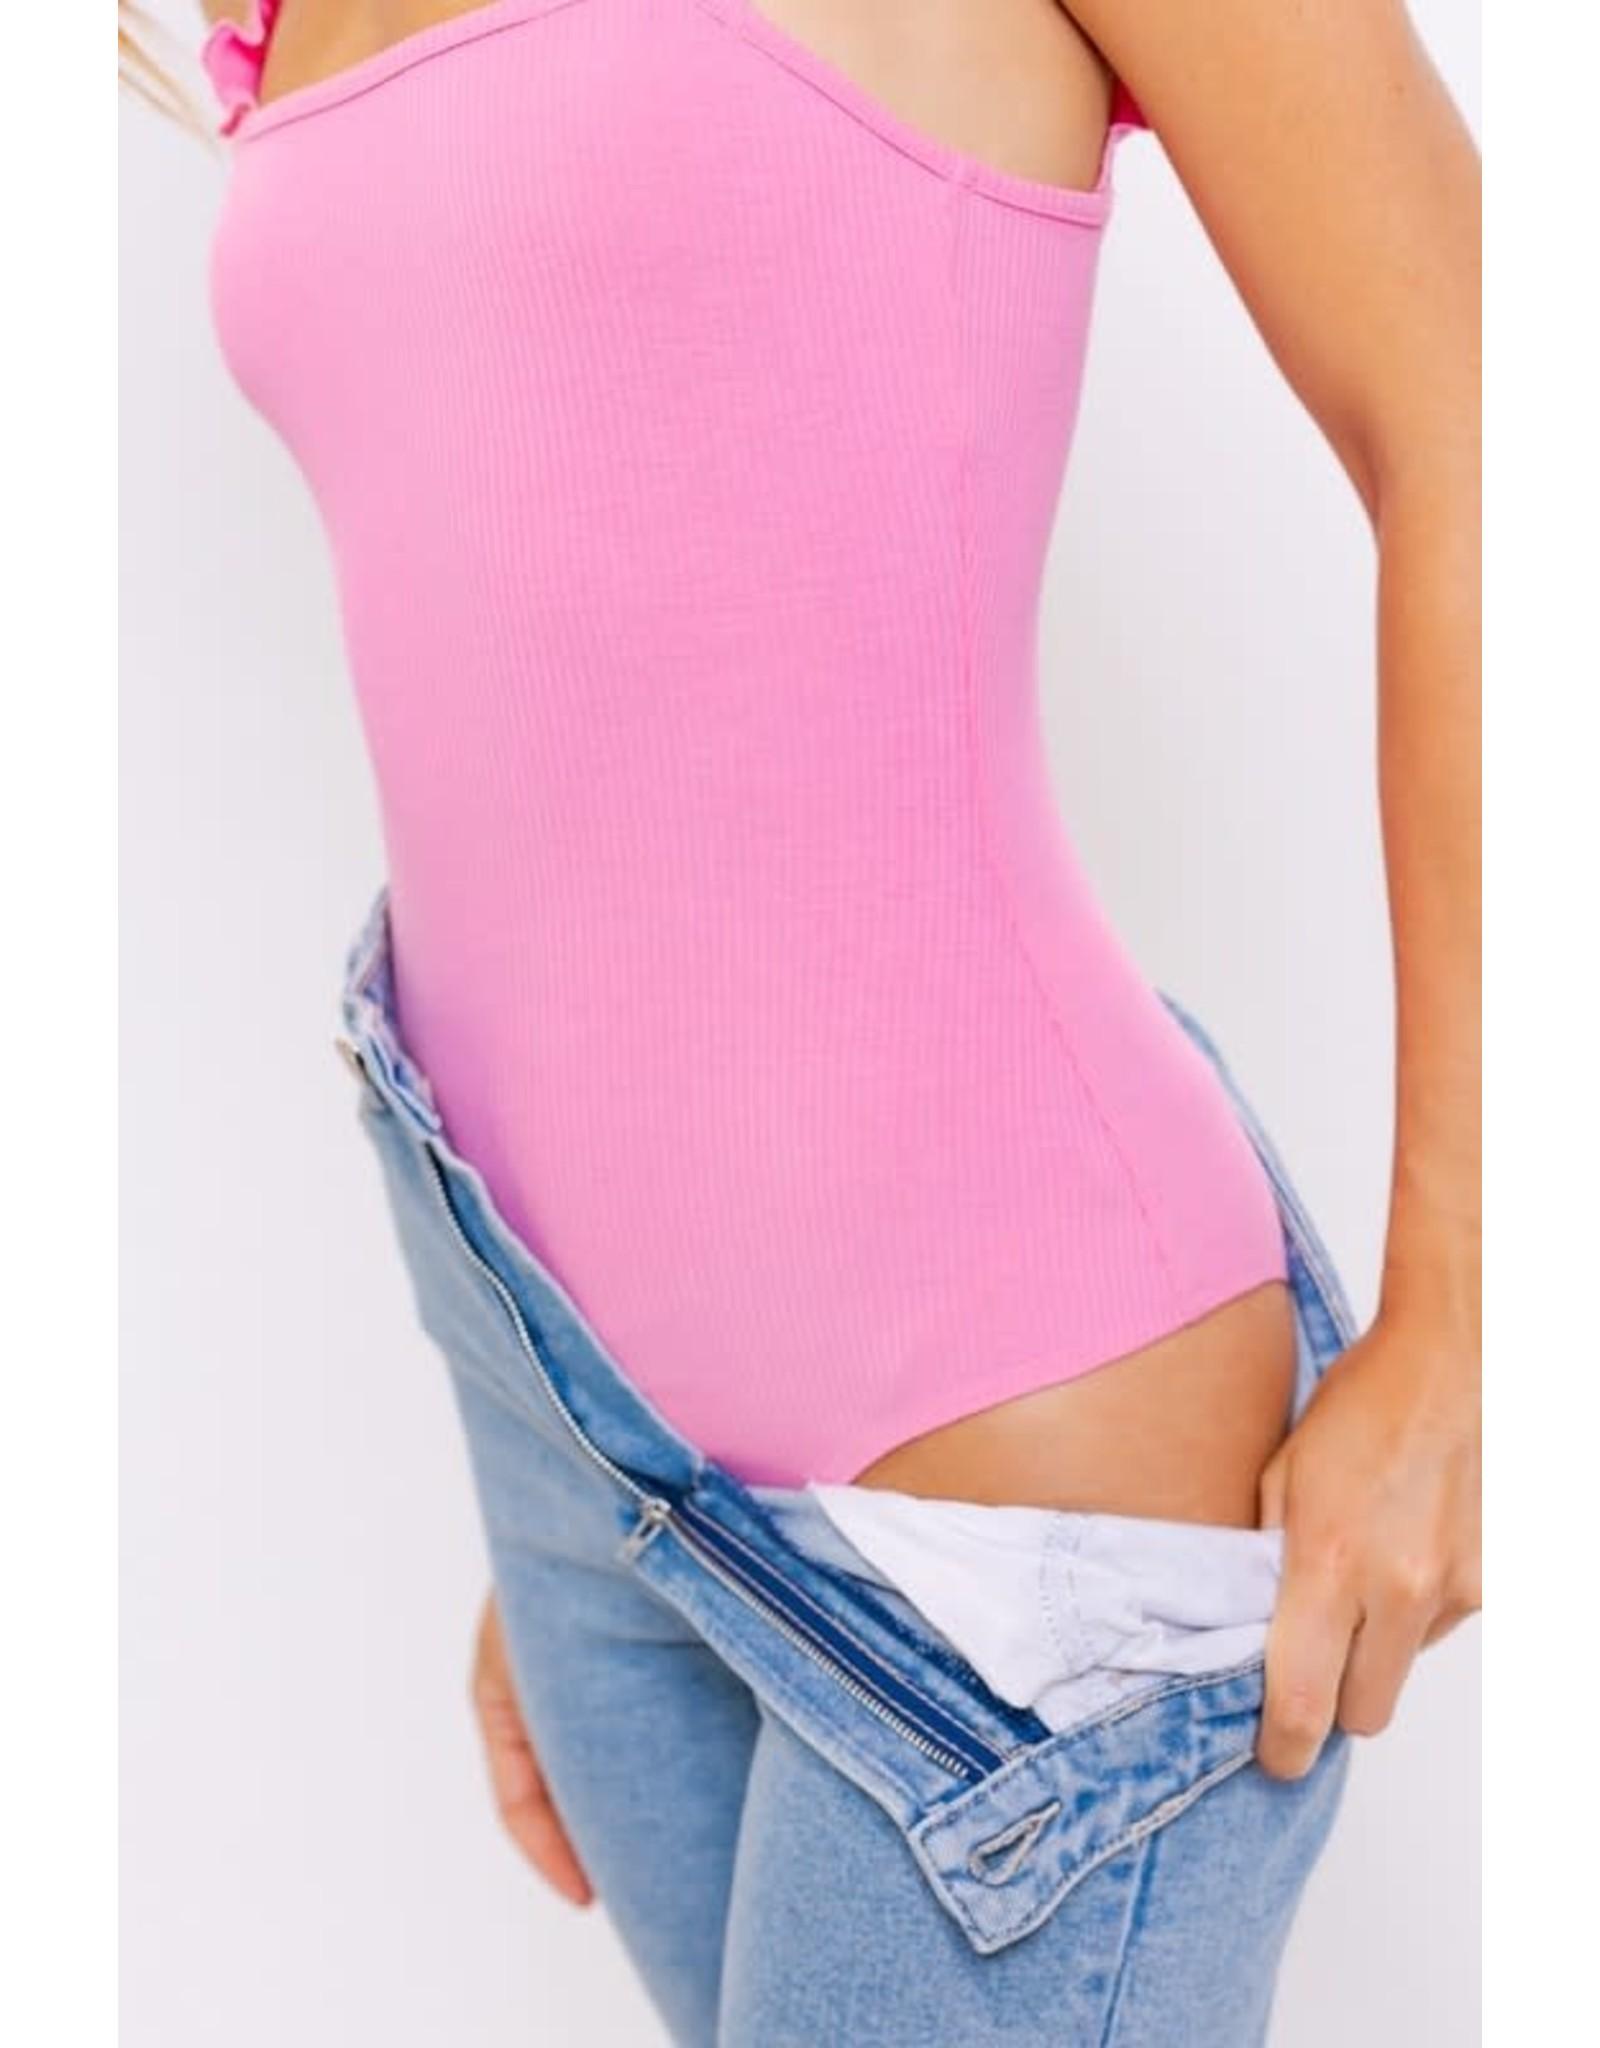 Call Me Darling Bodysuit